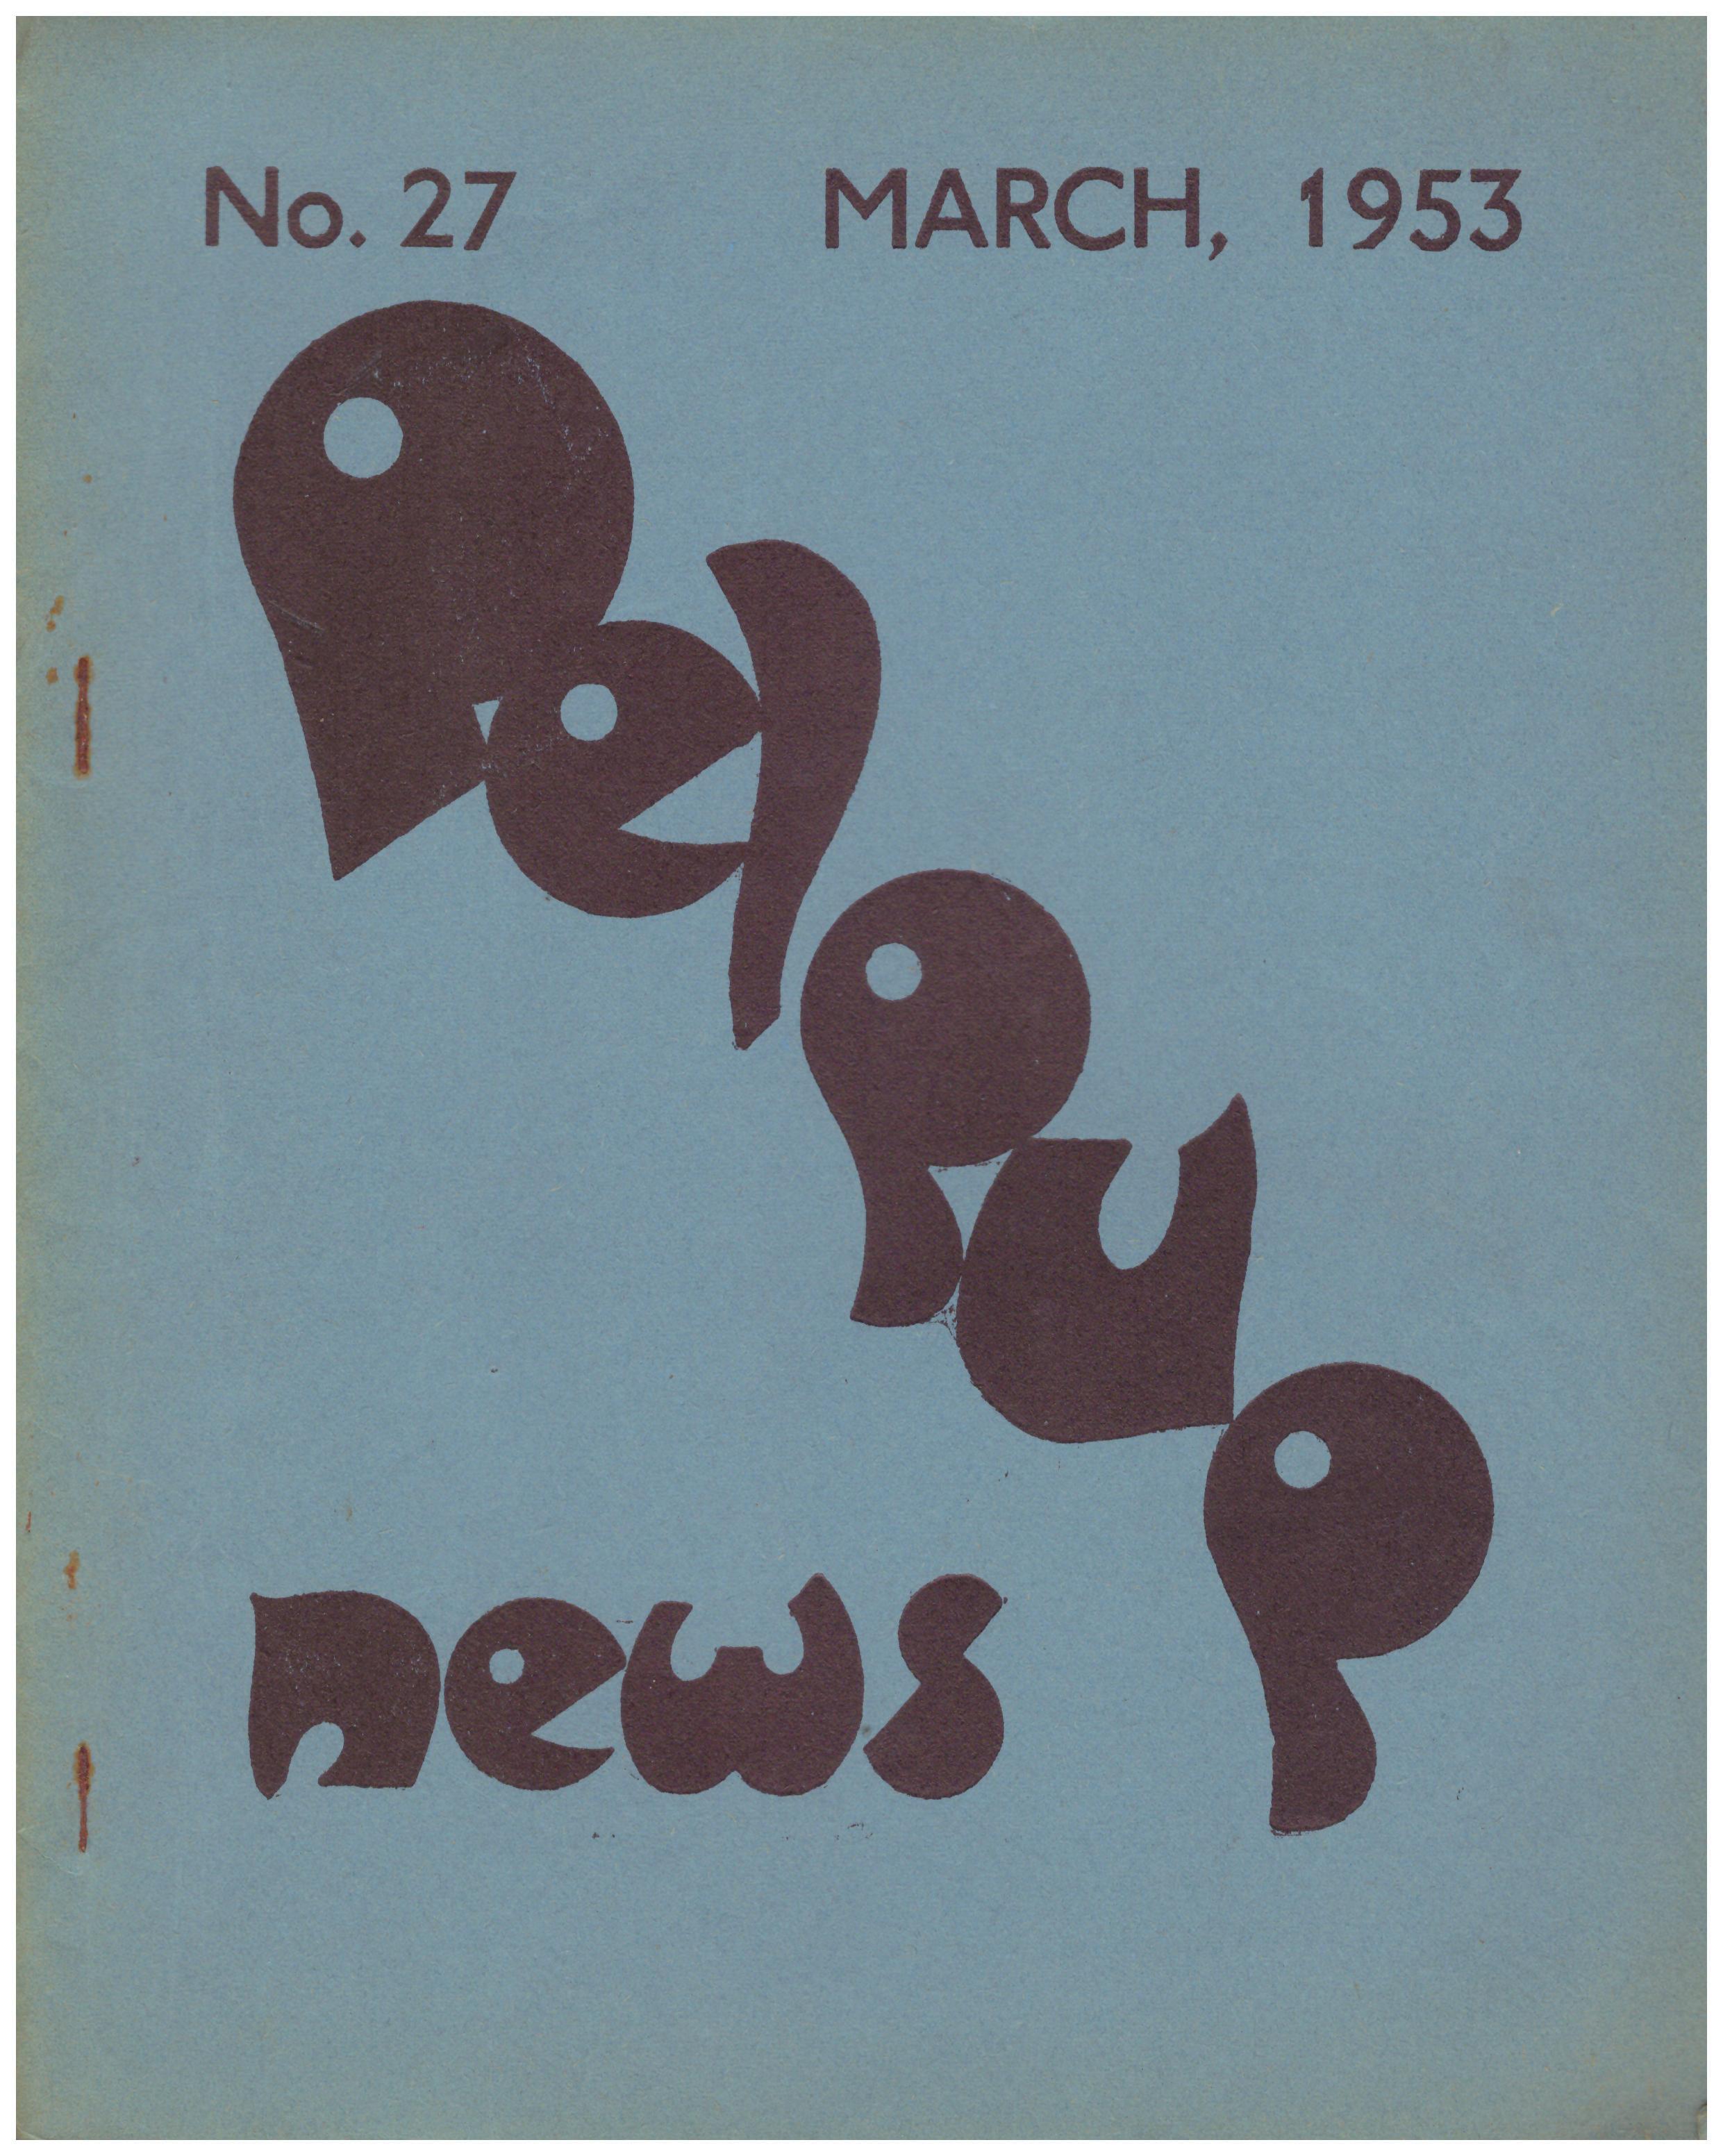 No 27 March 1953